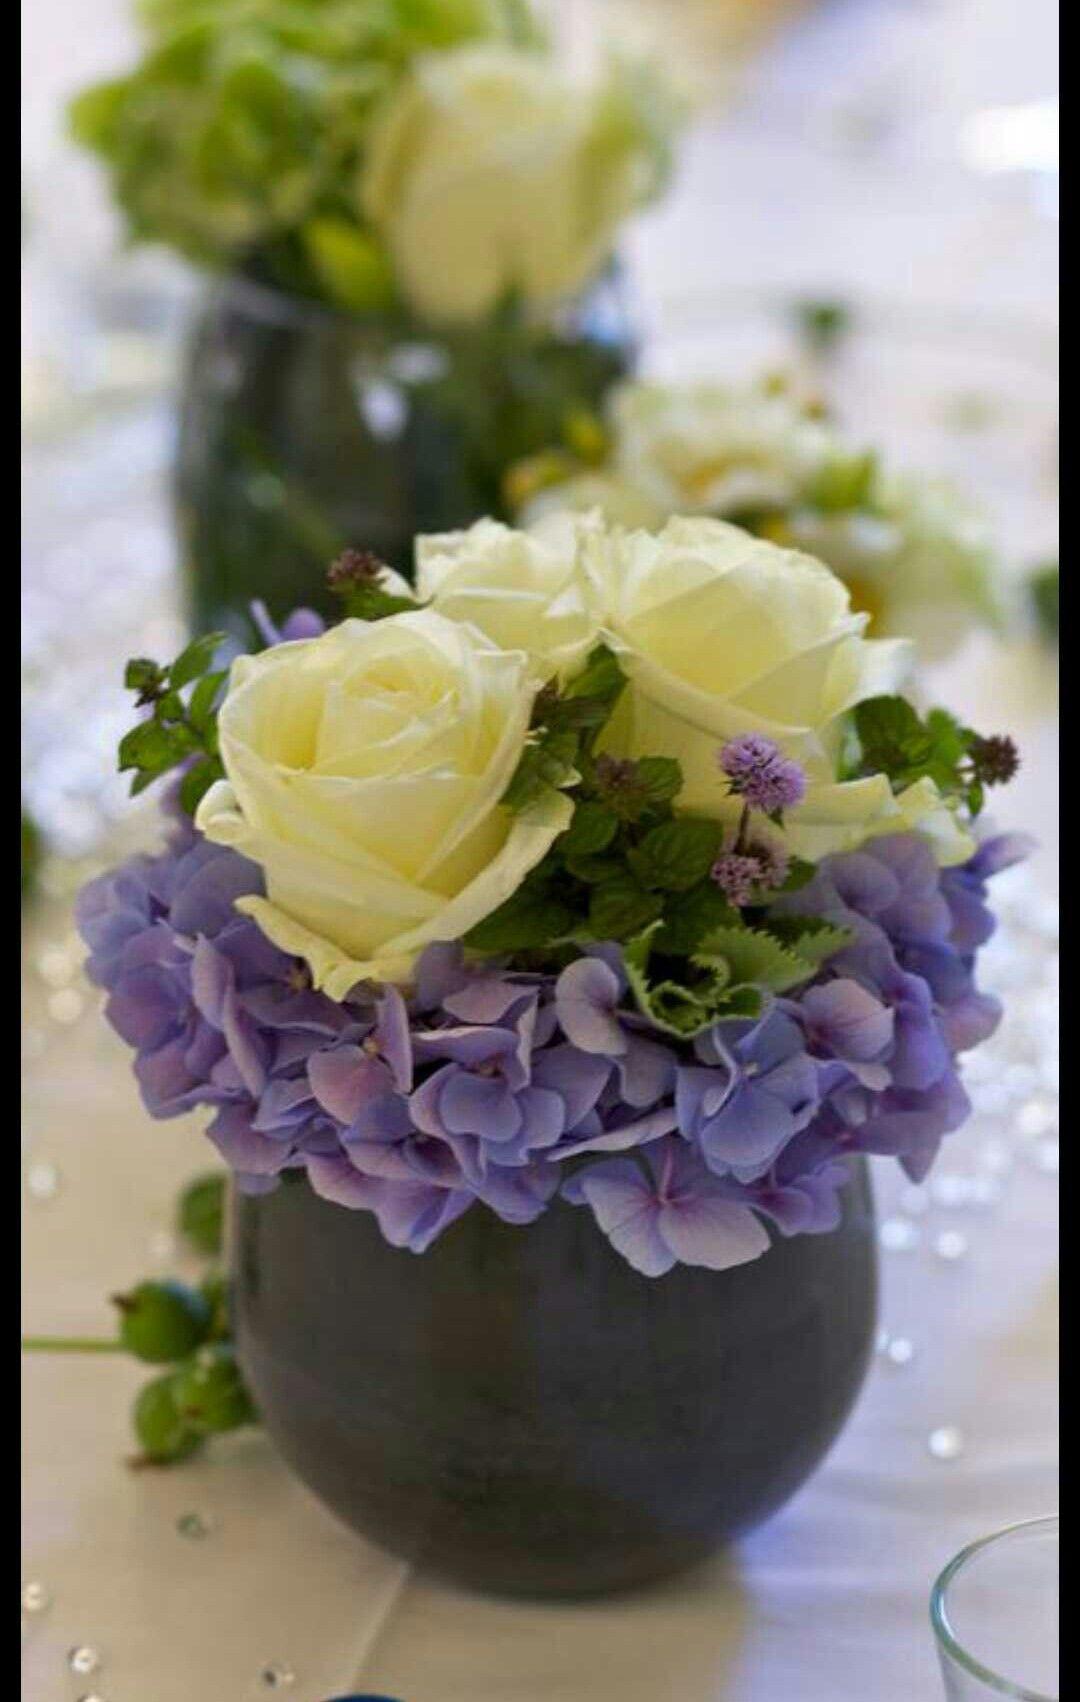 blumengesteck aus rose und hortensien pinterest blumengestecke hortensien und rose. Black Bedroom Furniture Sets. Home Design Ideas